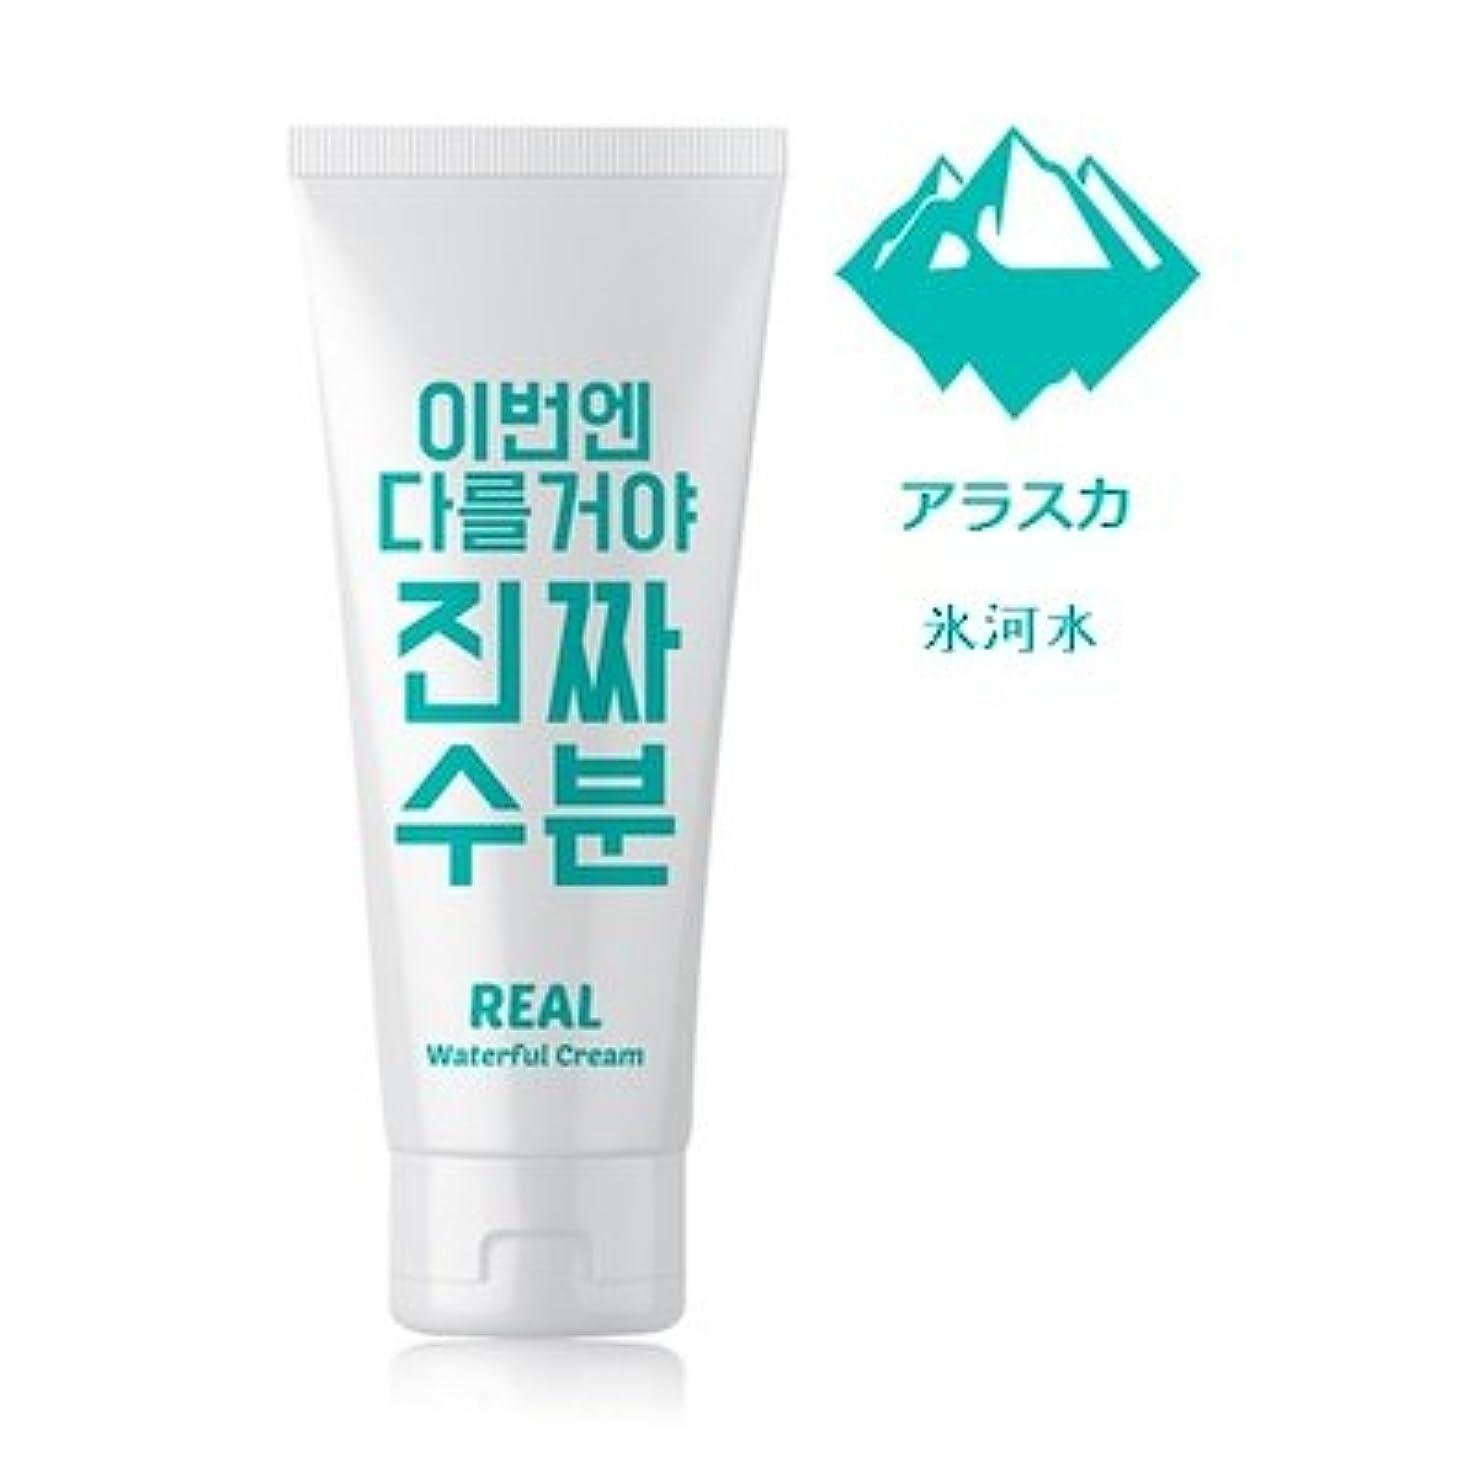 シンプルな剃るバイオリンJaminkyung Real Waterful Cream/孜民耕 [ジャミンギョン] 今度は違うぞ本当の水分クリーム 200ml [並行輸入品]